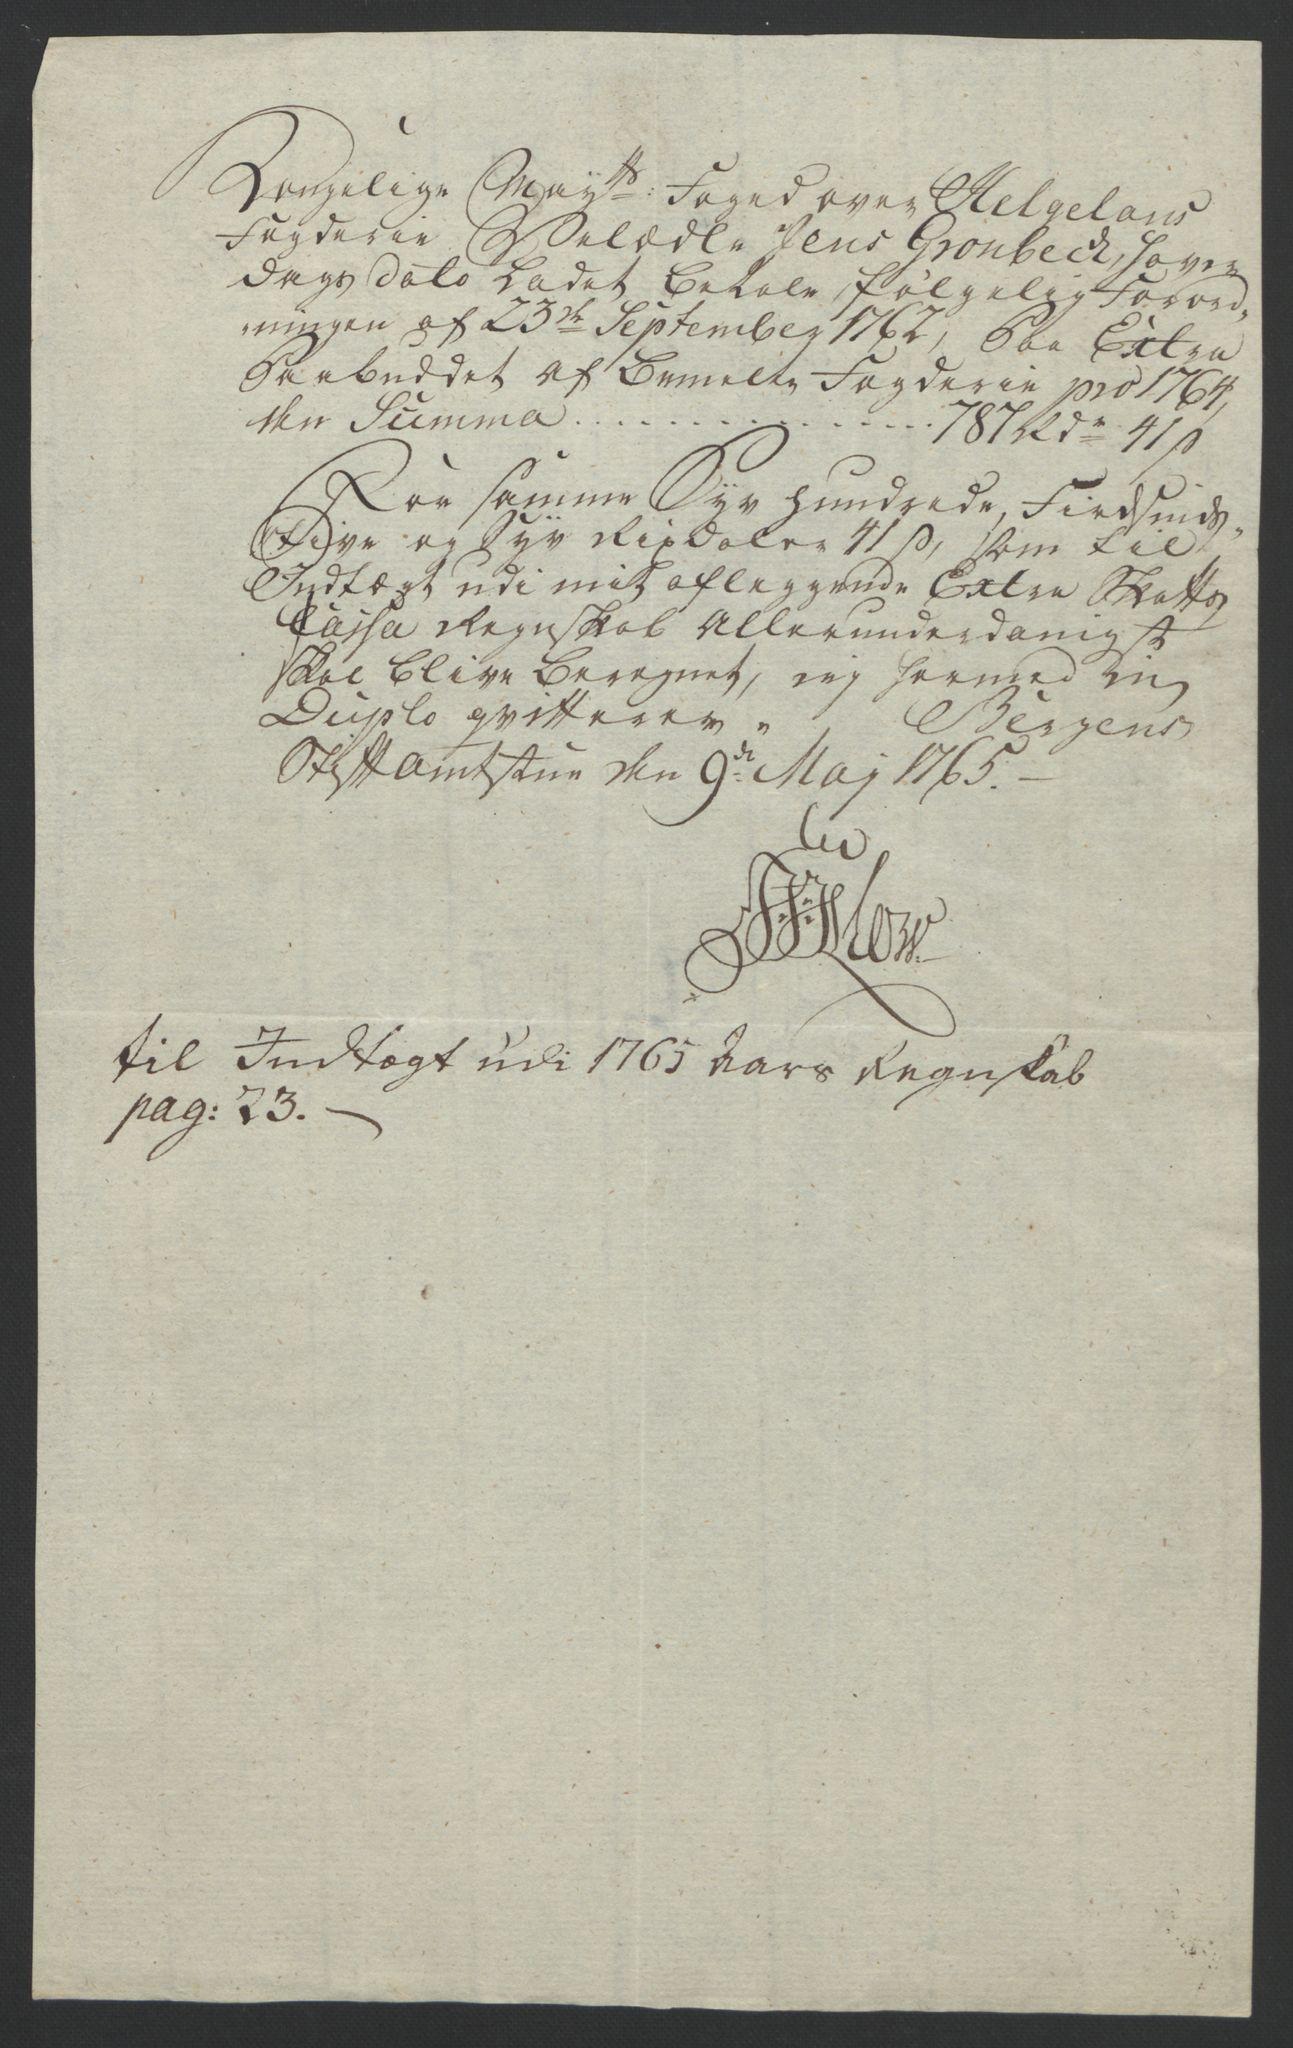 RA, Rentekammeret inntil 1814, Reviderte regnskaper, Fogderegnskap, R65/L4573: Ekstraskatten Helgeland, 1762-1772, s. 82